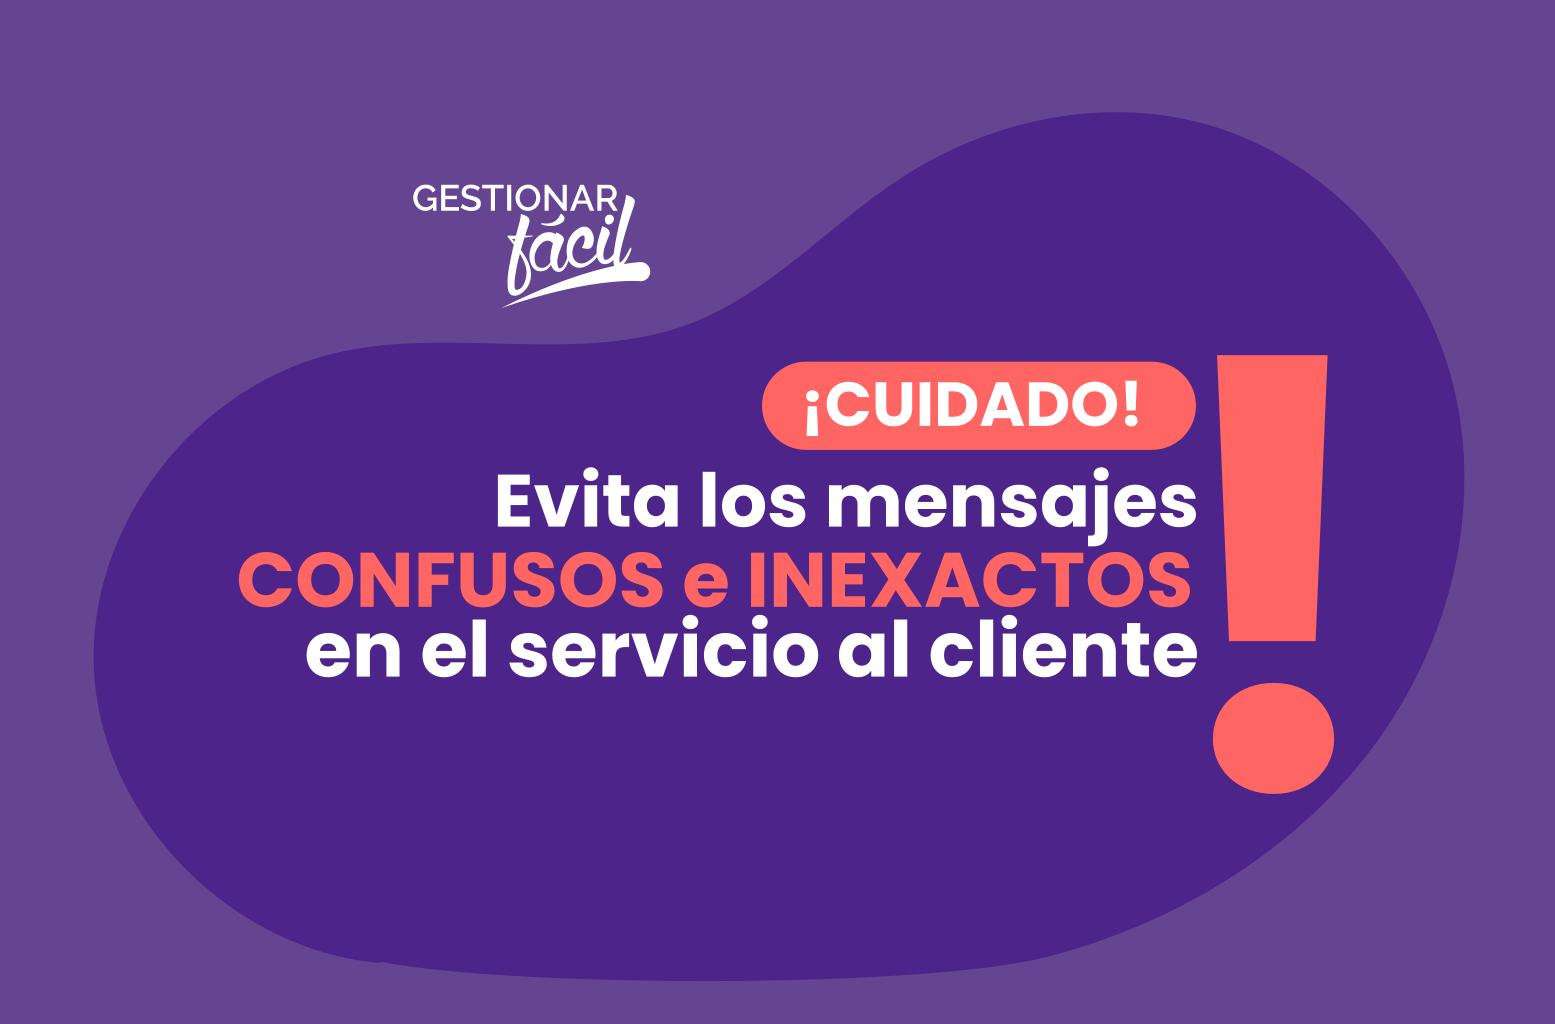 Evita los mensajes confusos e inexactos en el servicio al cliente.